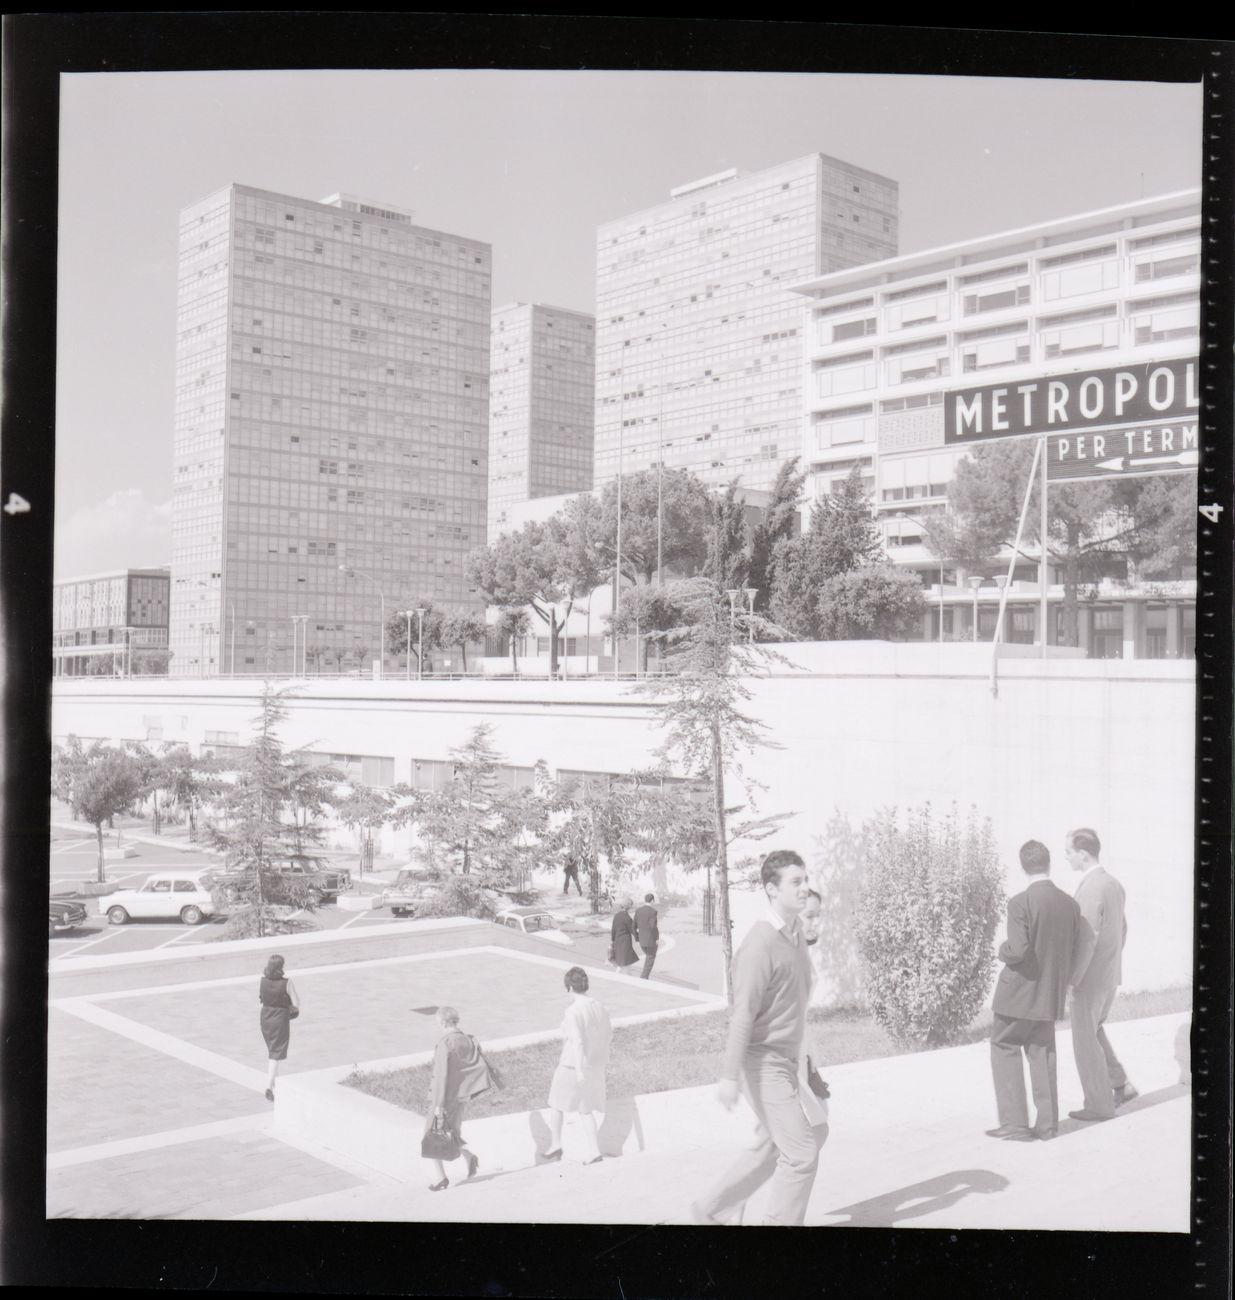 Le Torri Ligini viste dalla vicina stazione della metropolitana EUR Fermi nel 1967. Photo Archivio Paolo Monti